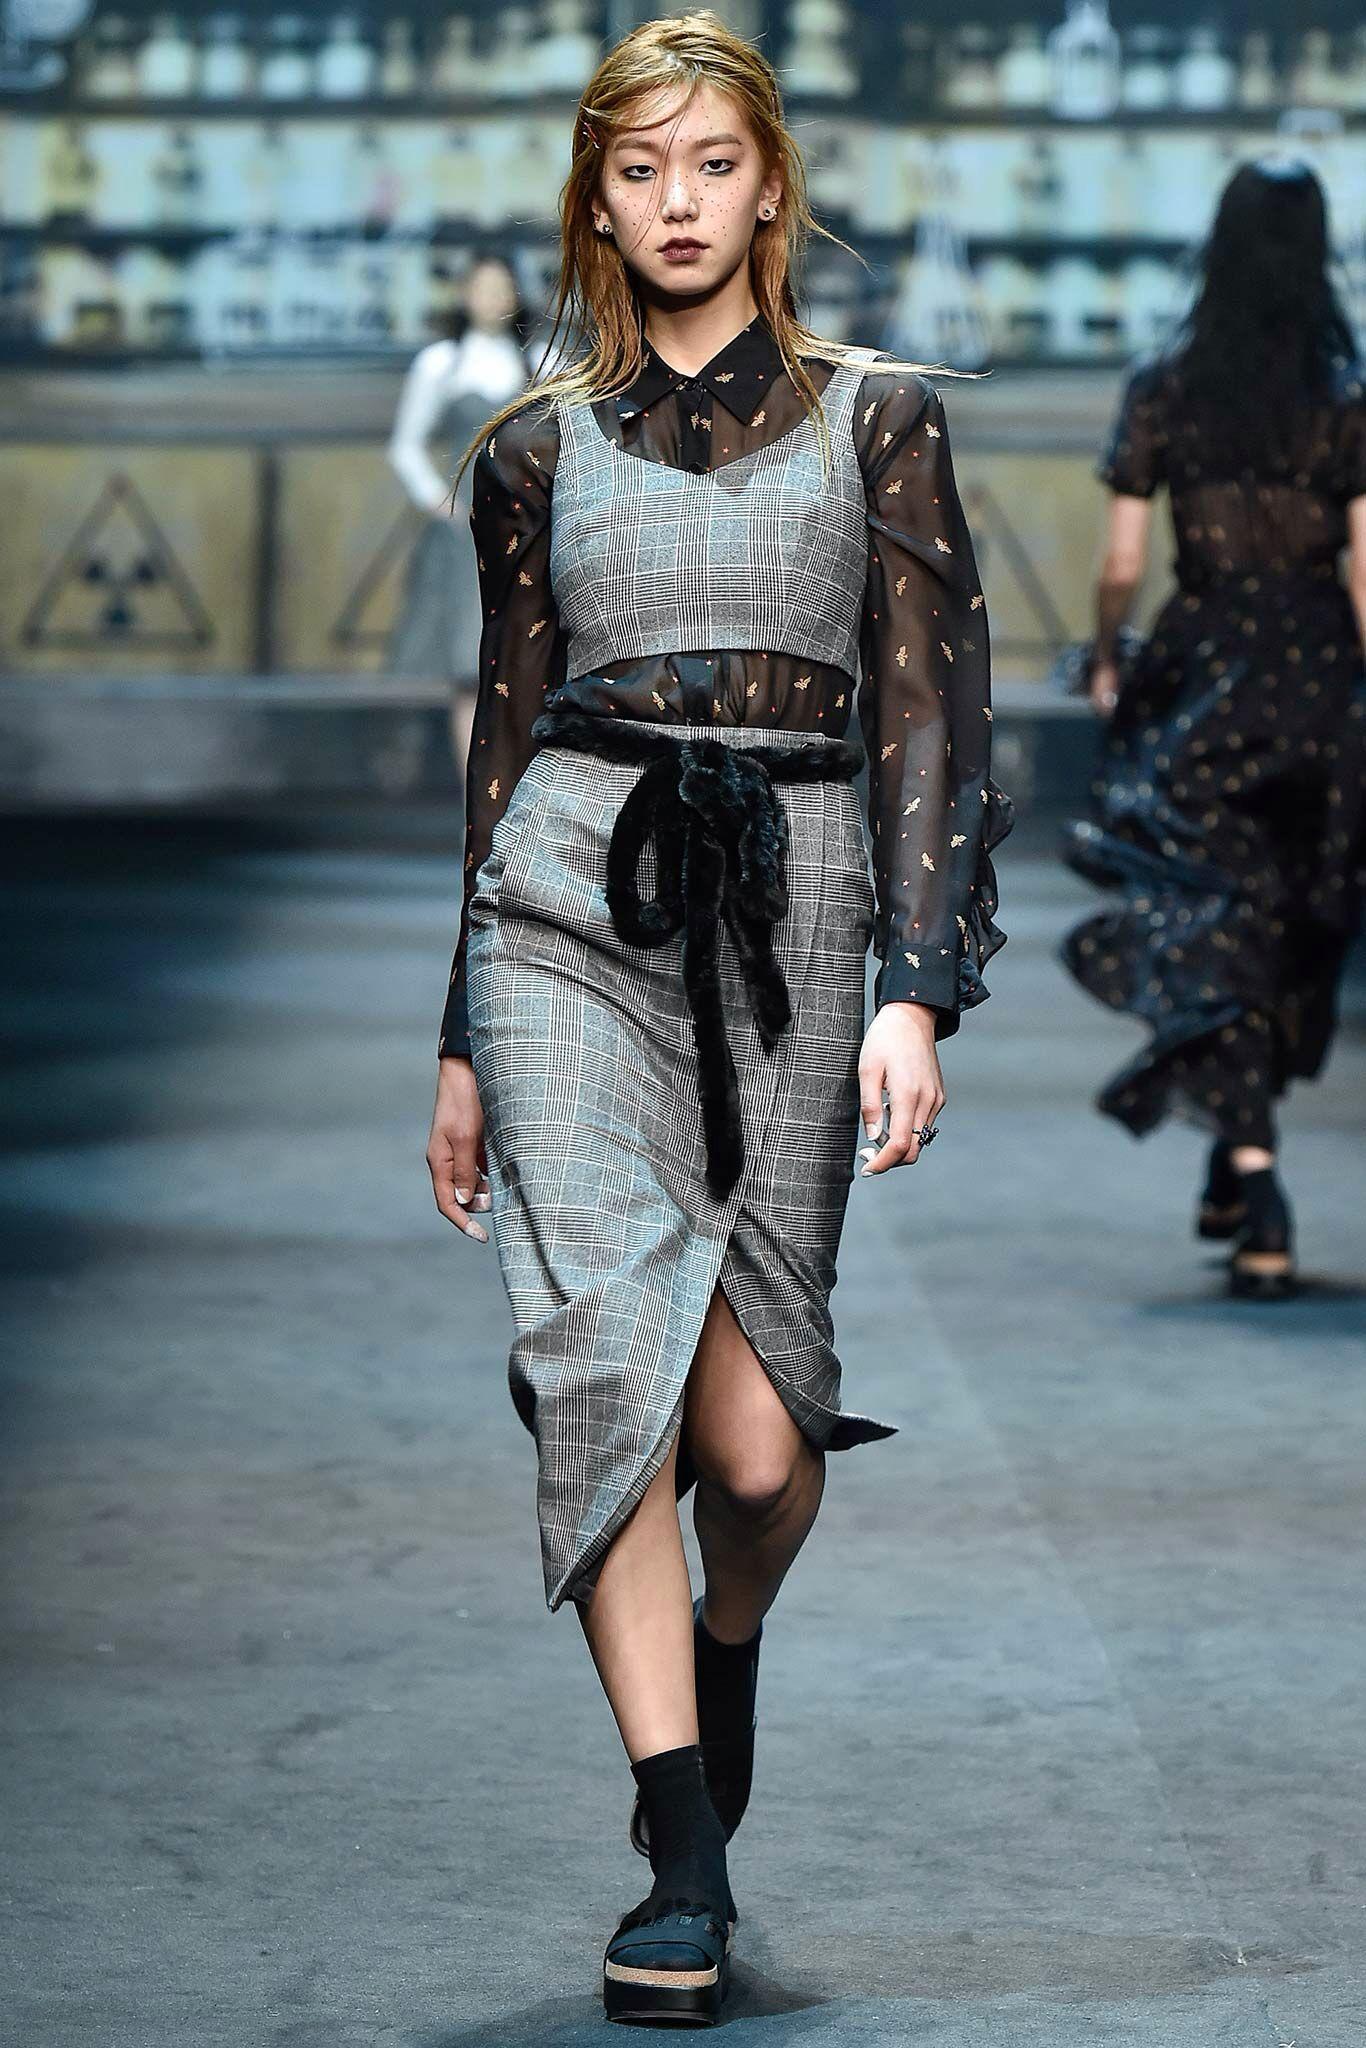 Steve J & Yoni P, Look 35 Fashion, Fall 2015 style